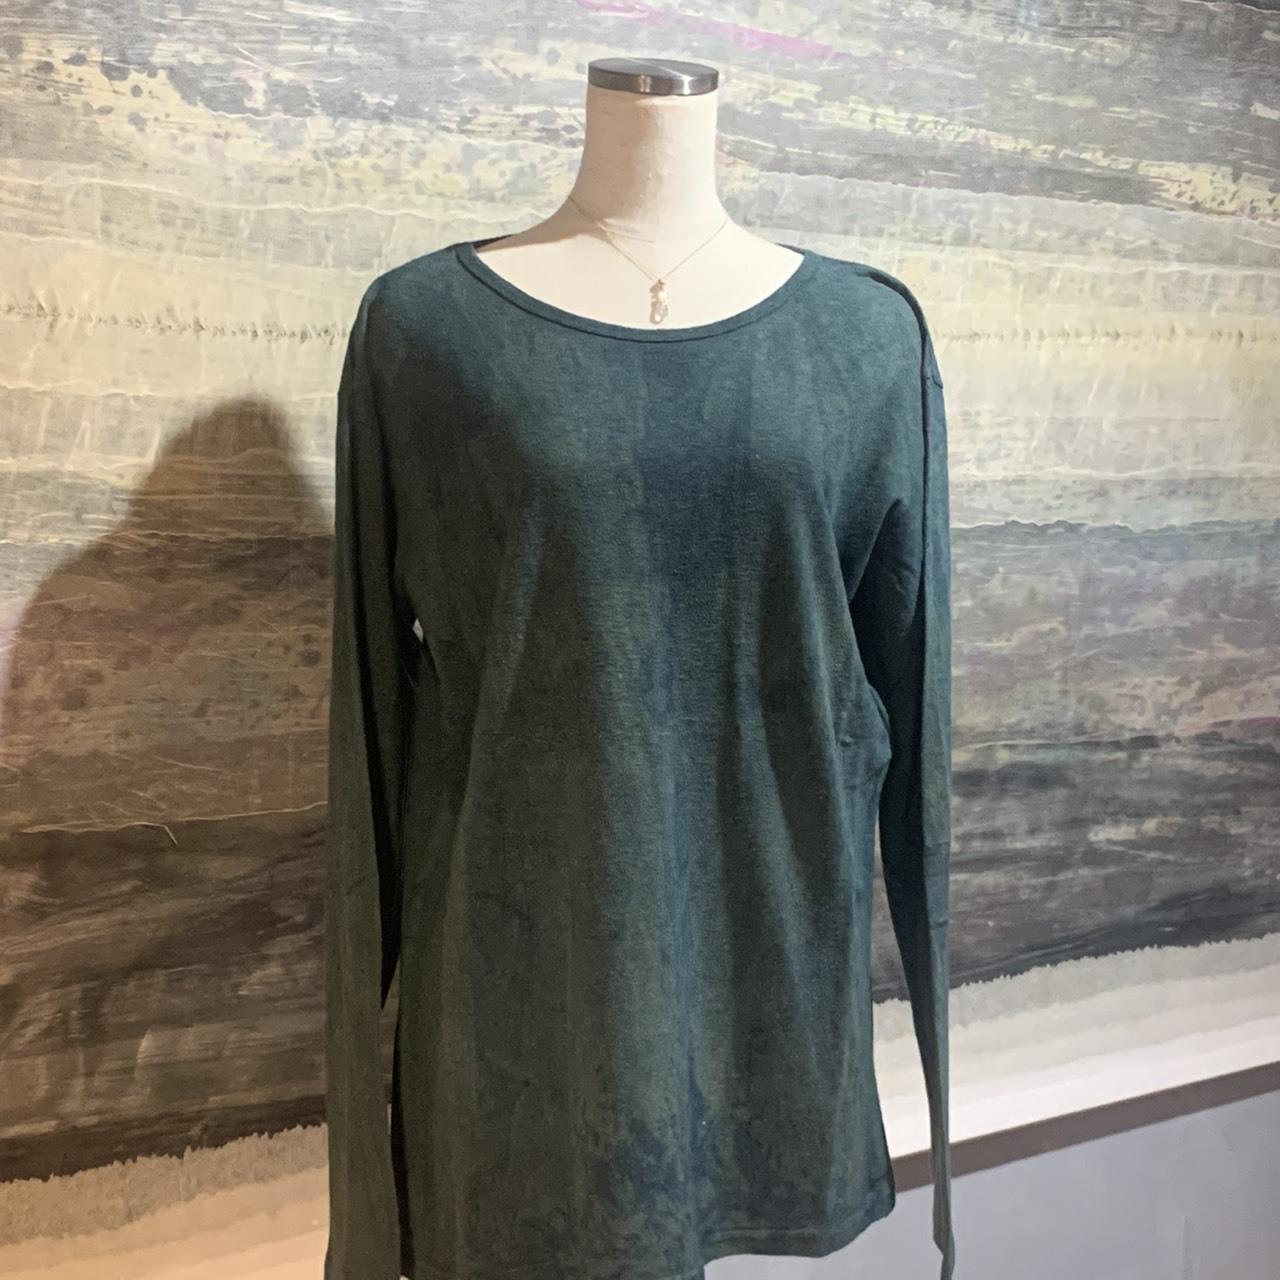 【先行販売価格】∞ロングTシャツ∞ ヘンプコットン